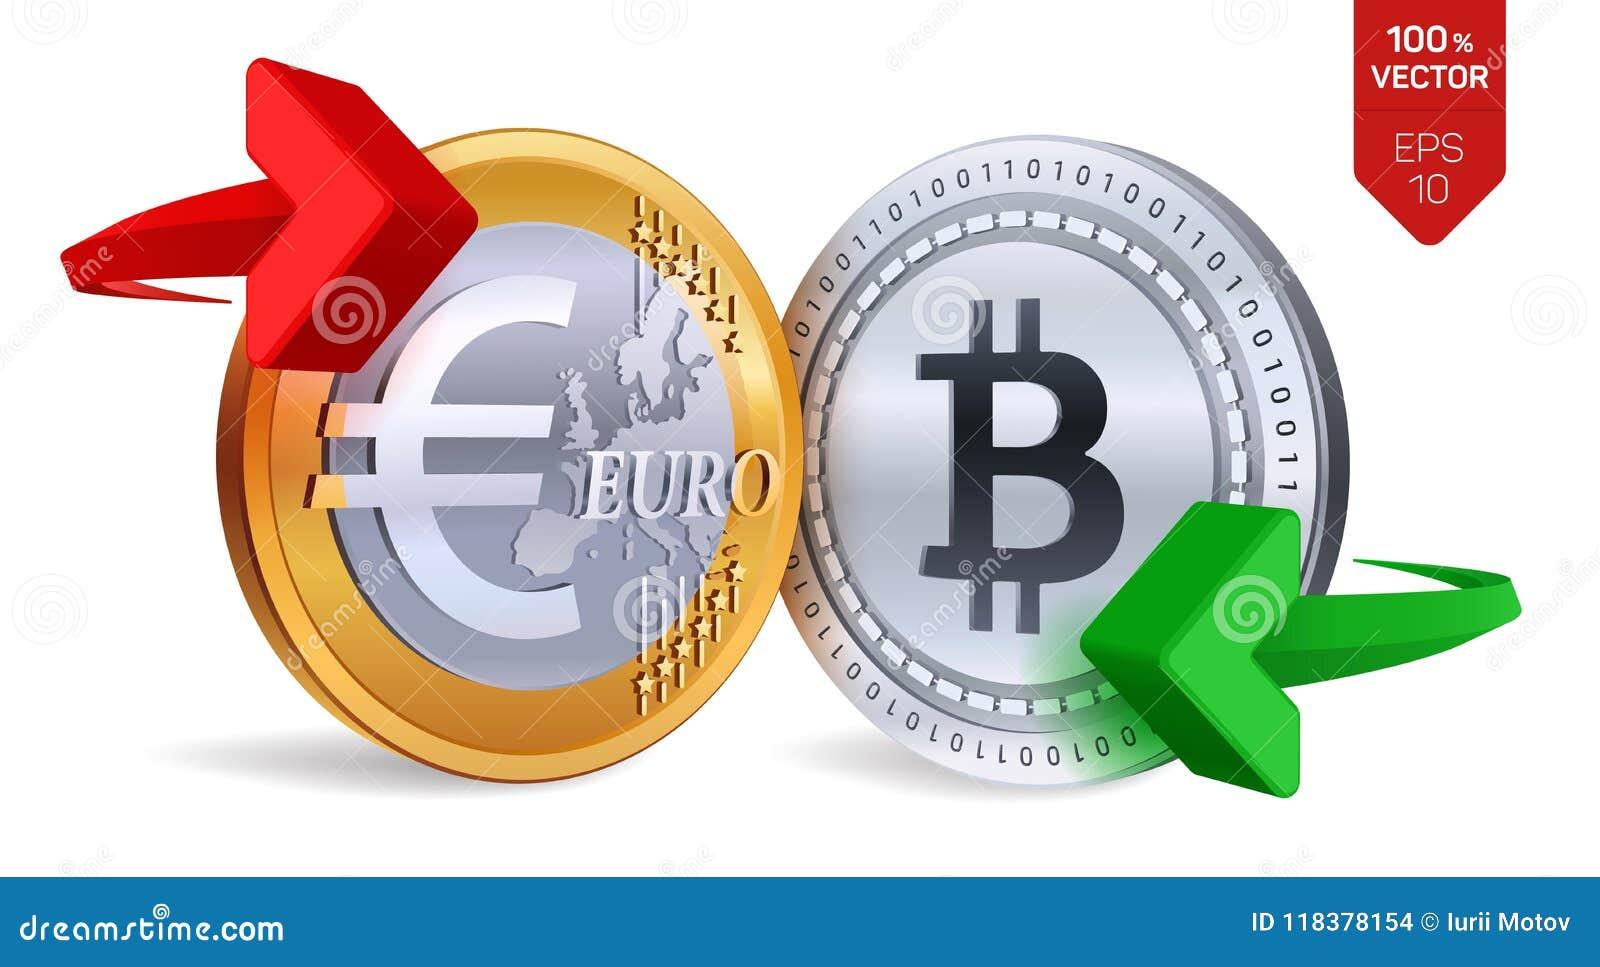 Bitcoin - Euro (BTC/EUR) Convertitore del tasso di cambio delle valute | CoinYEP